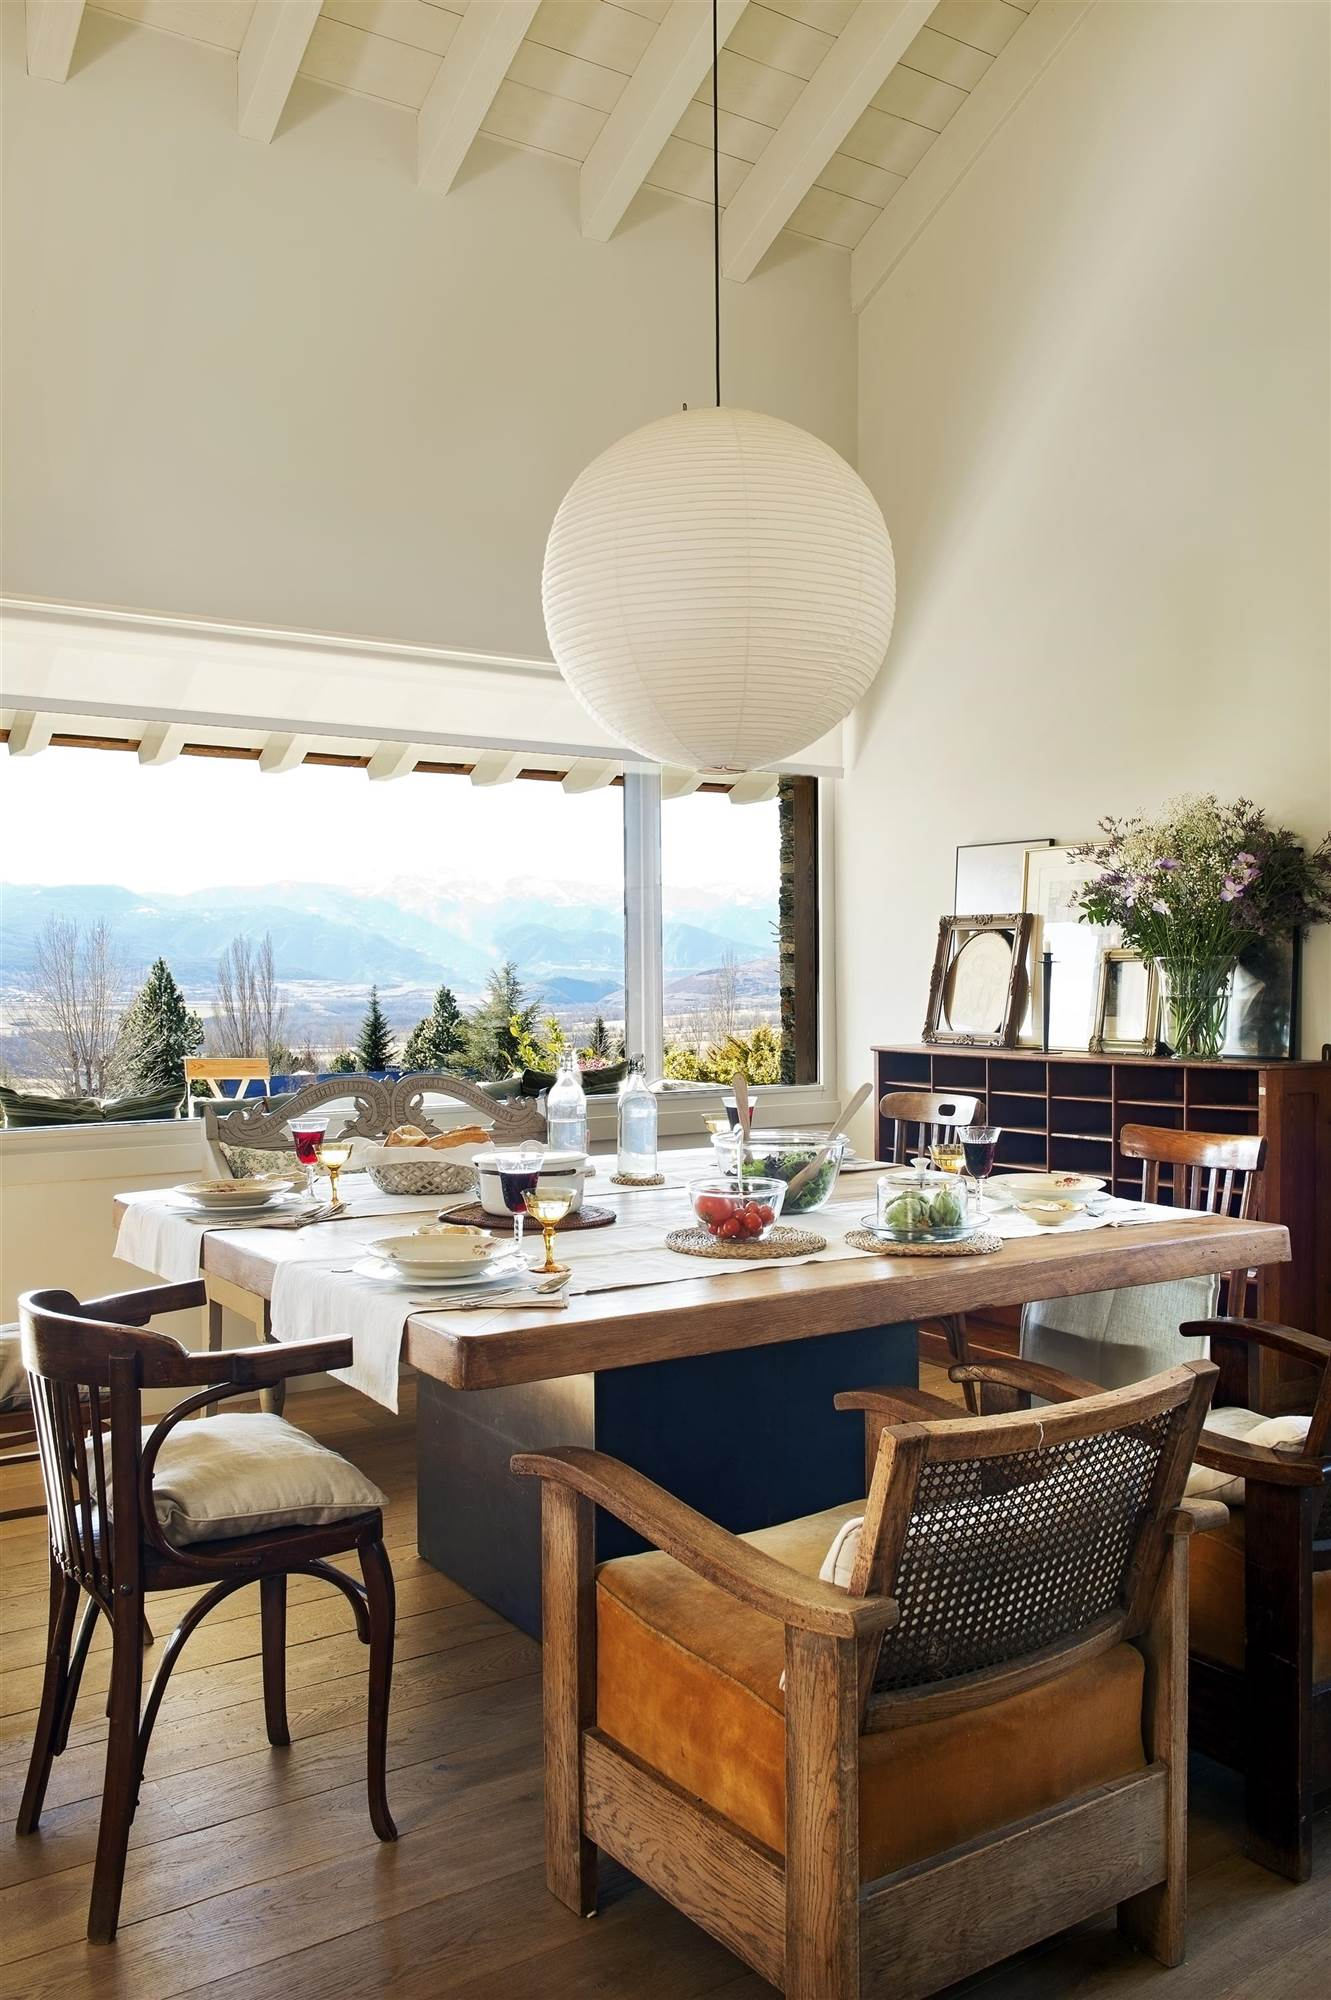 La butaca es nuestro mueble preferido for Silla butaca comedor